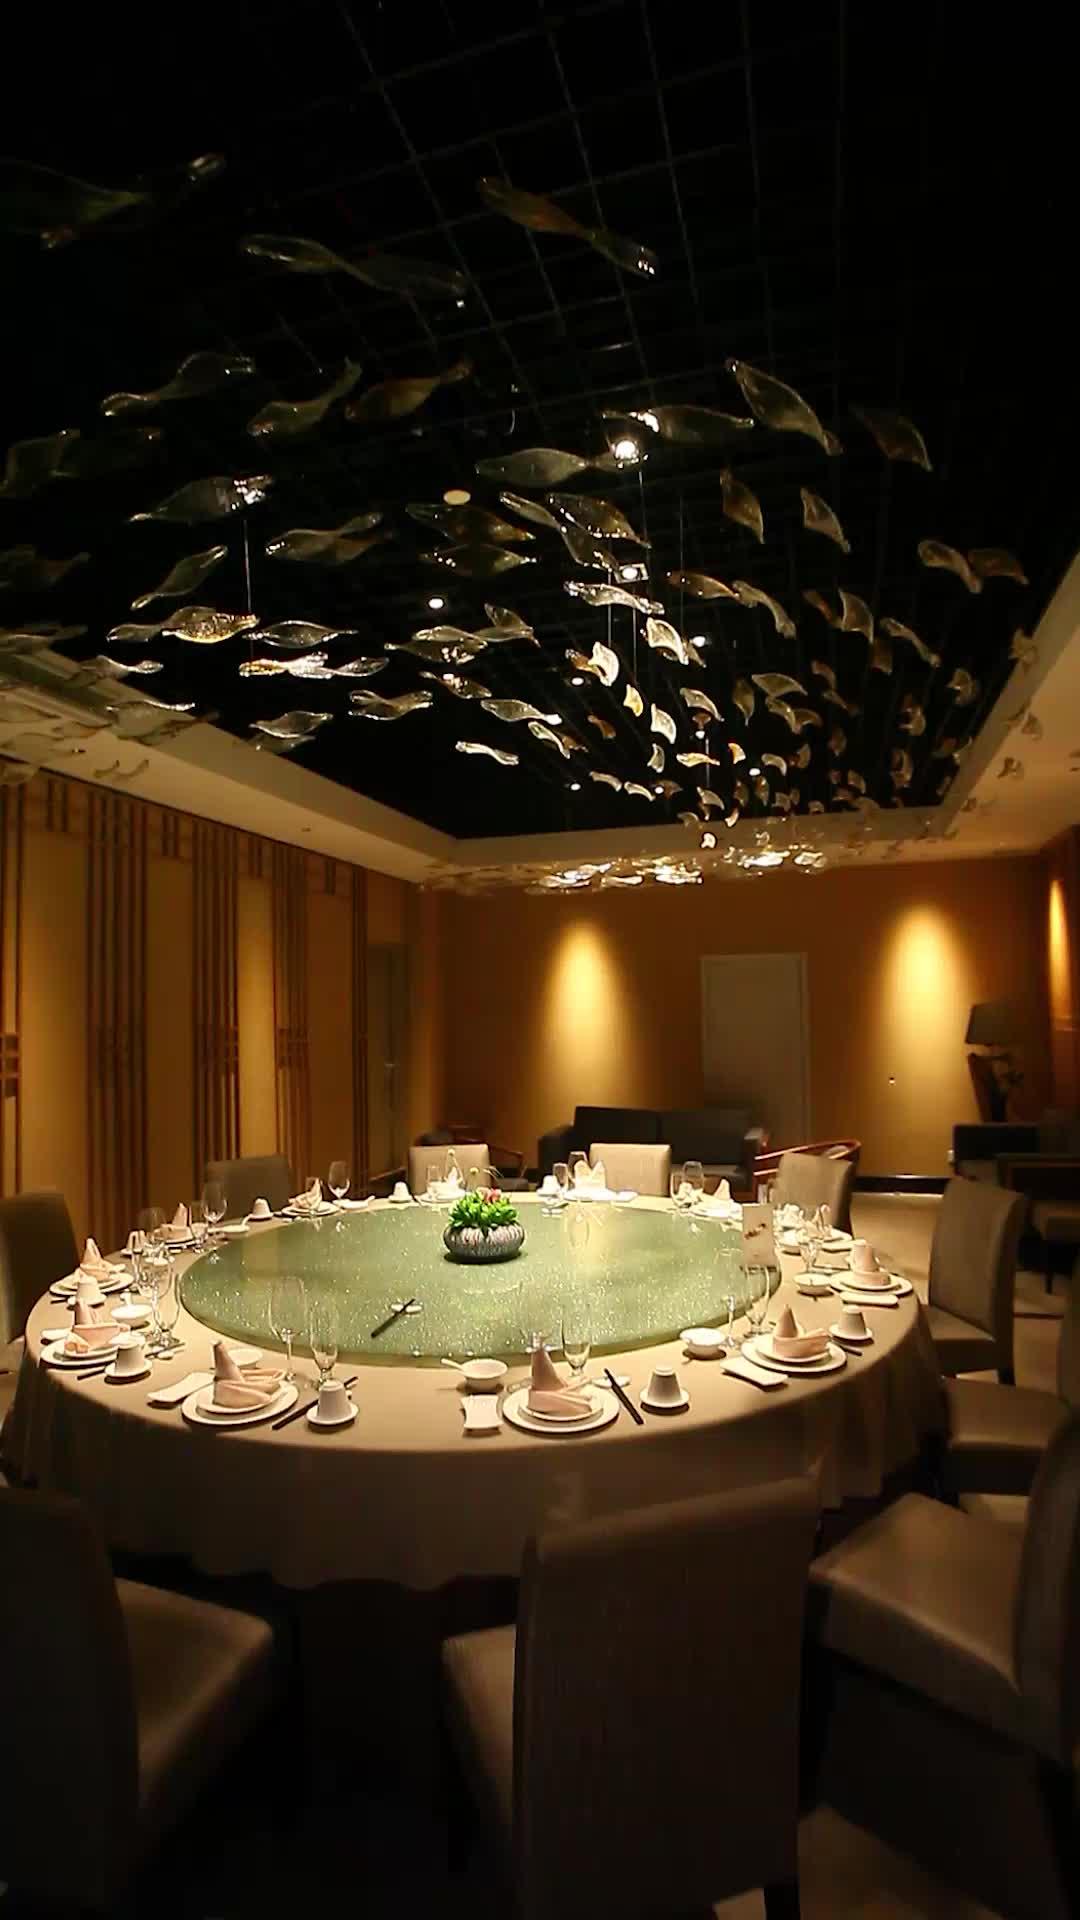 装置艺术在餐厅装修中的完美演绎